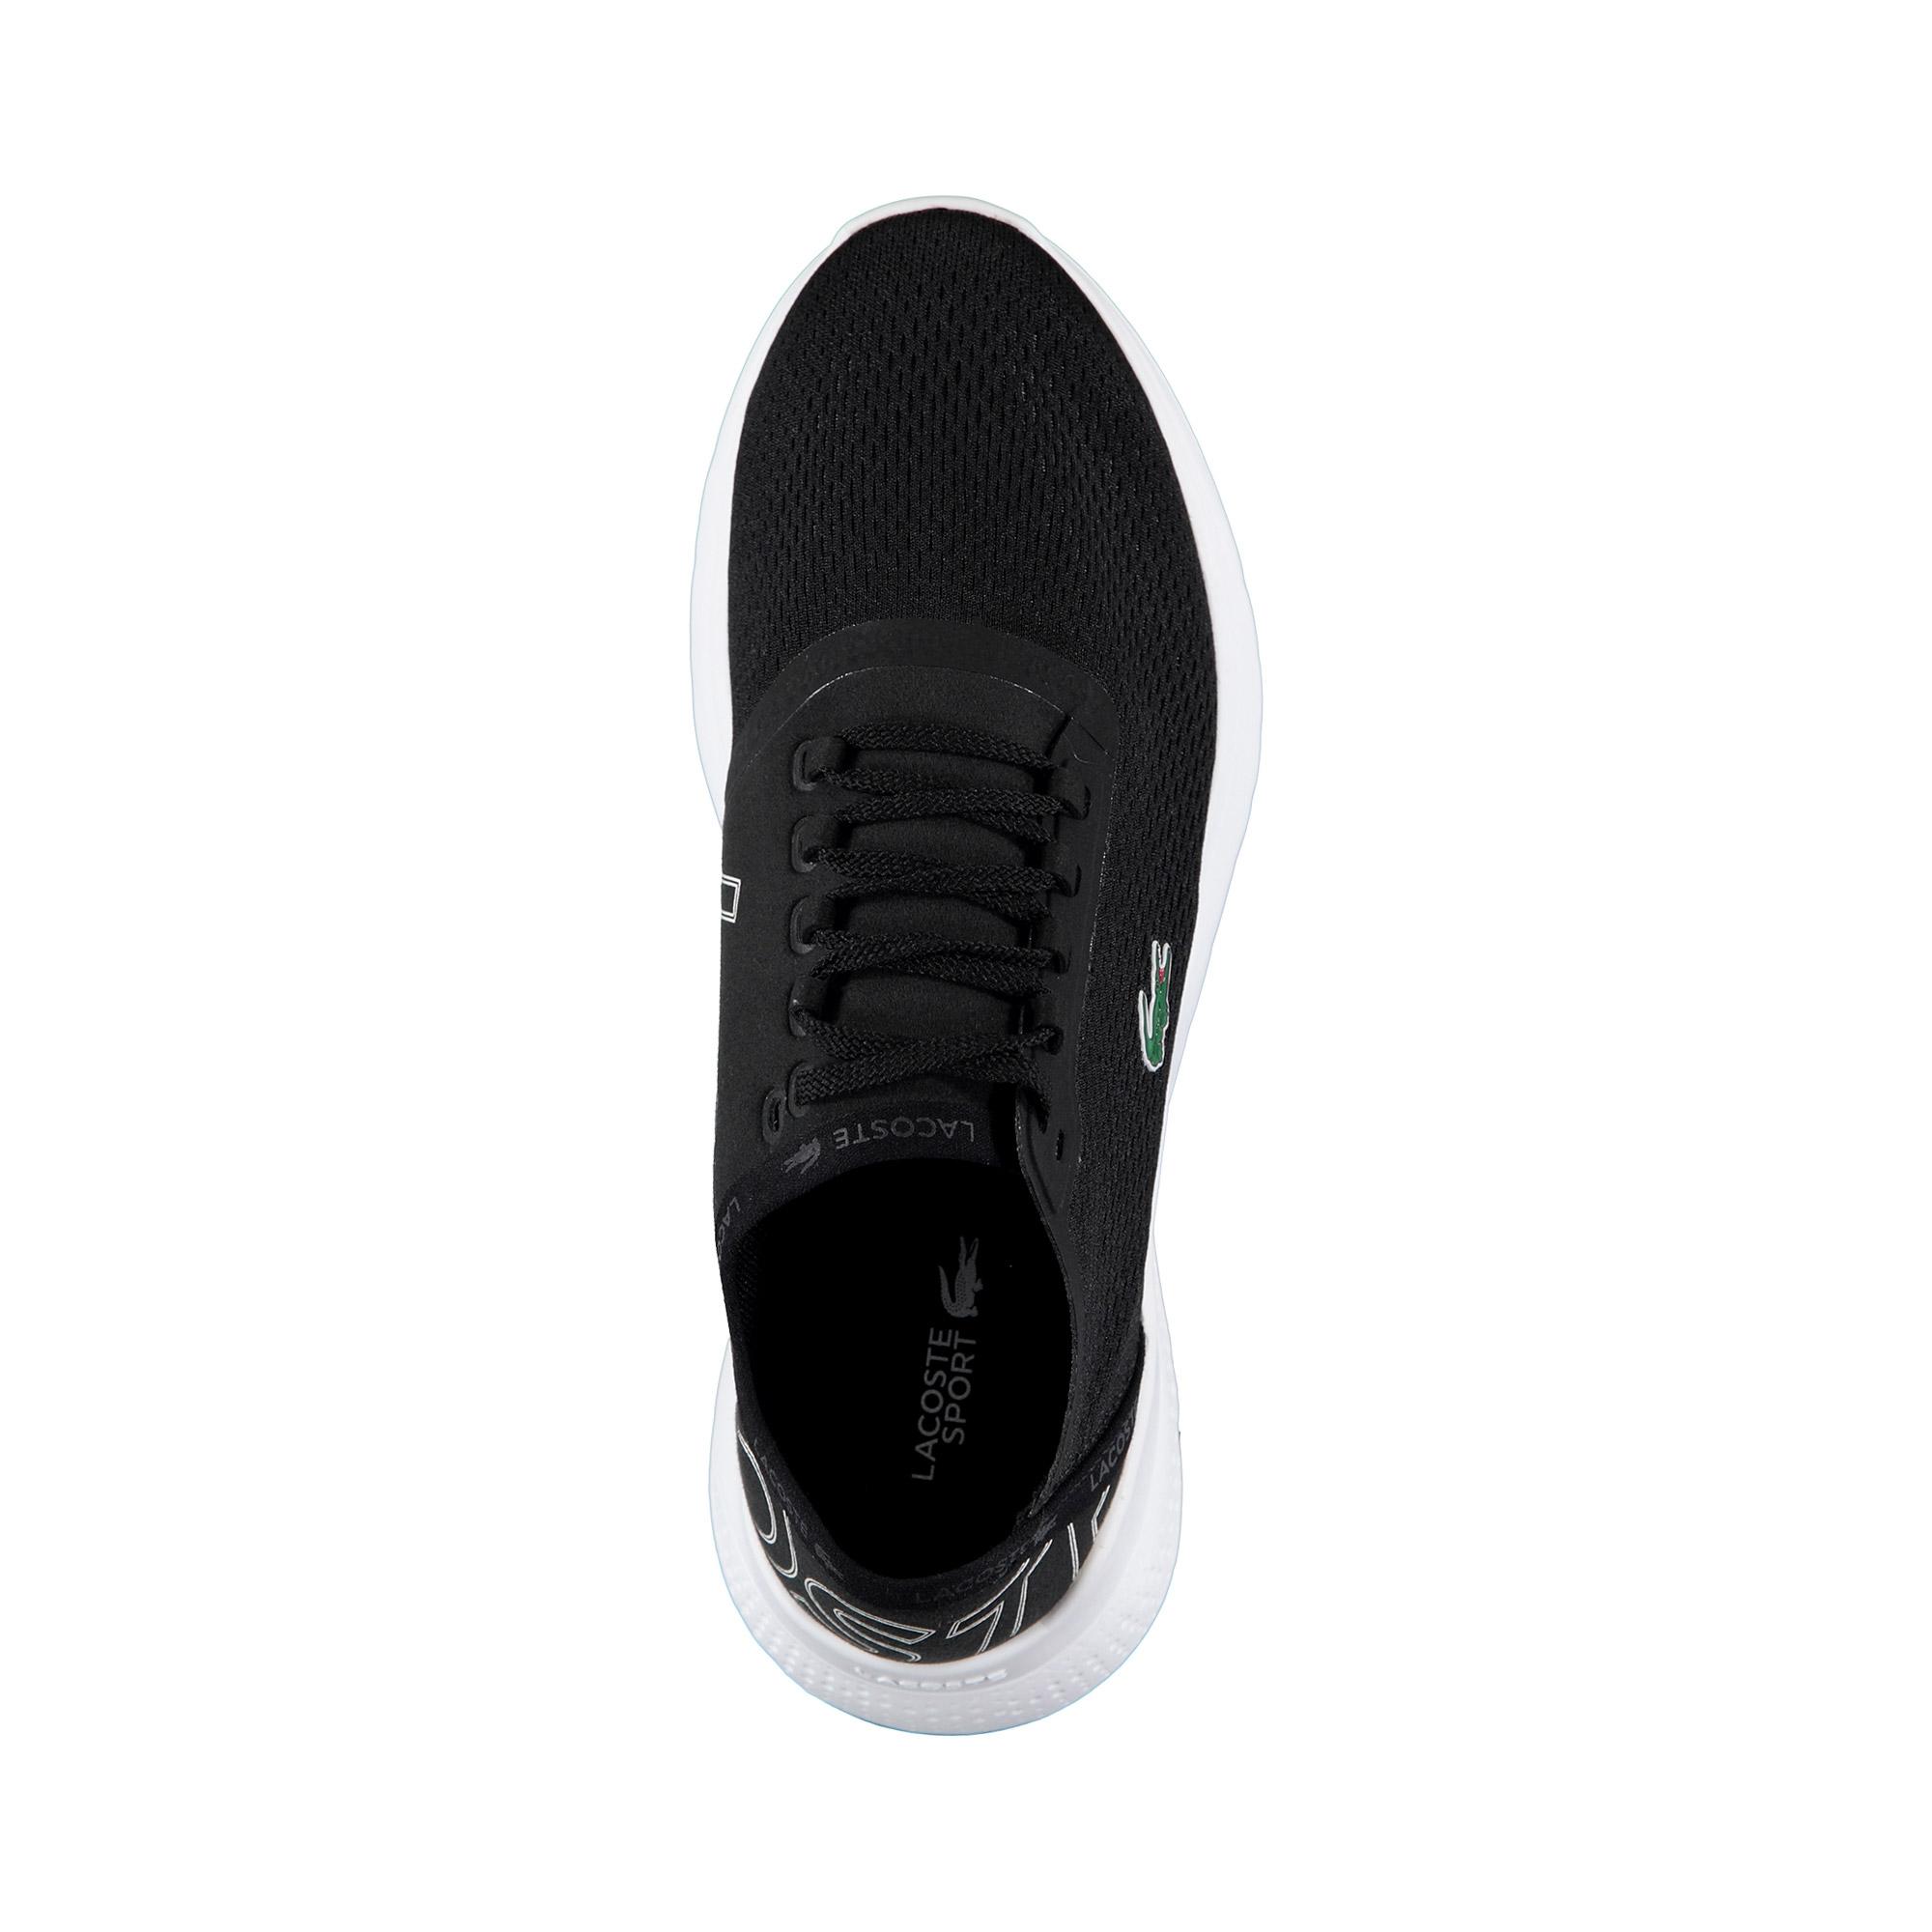 Lacoste Erkek Siyah - Beyaz LT Fit 119 1 Spor Ayakkabı